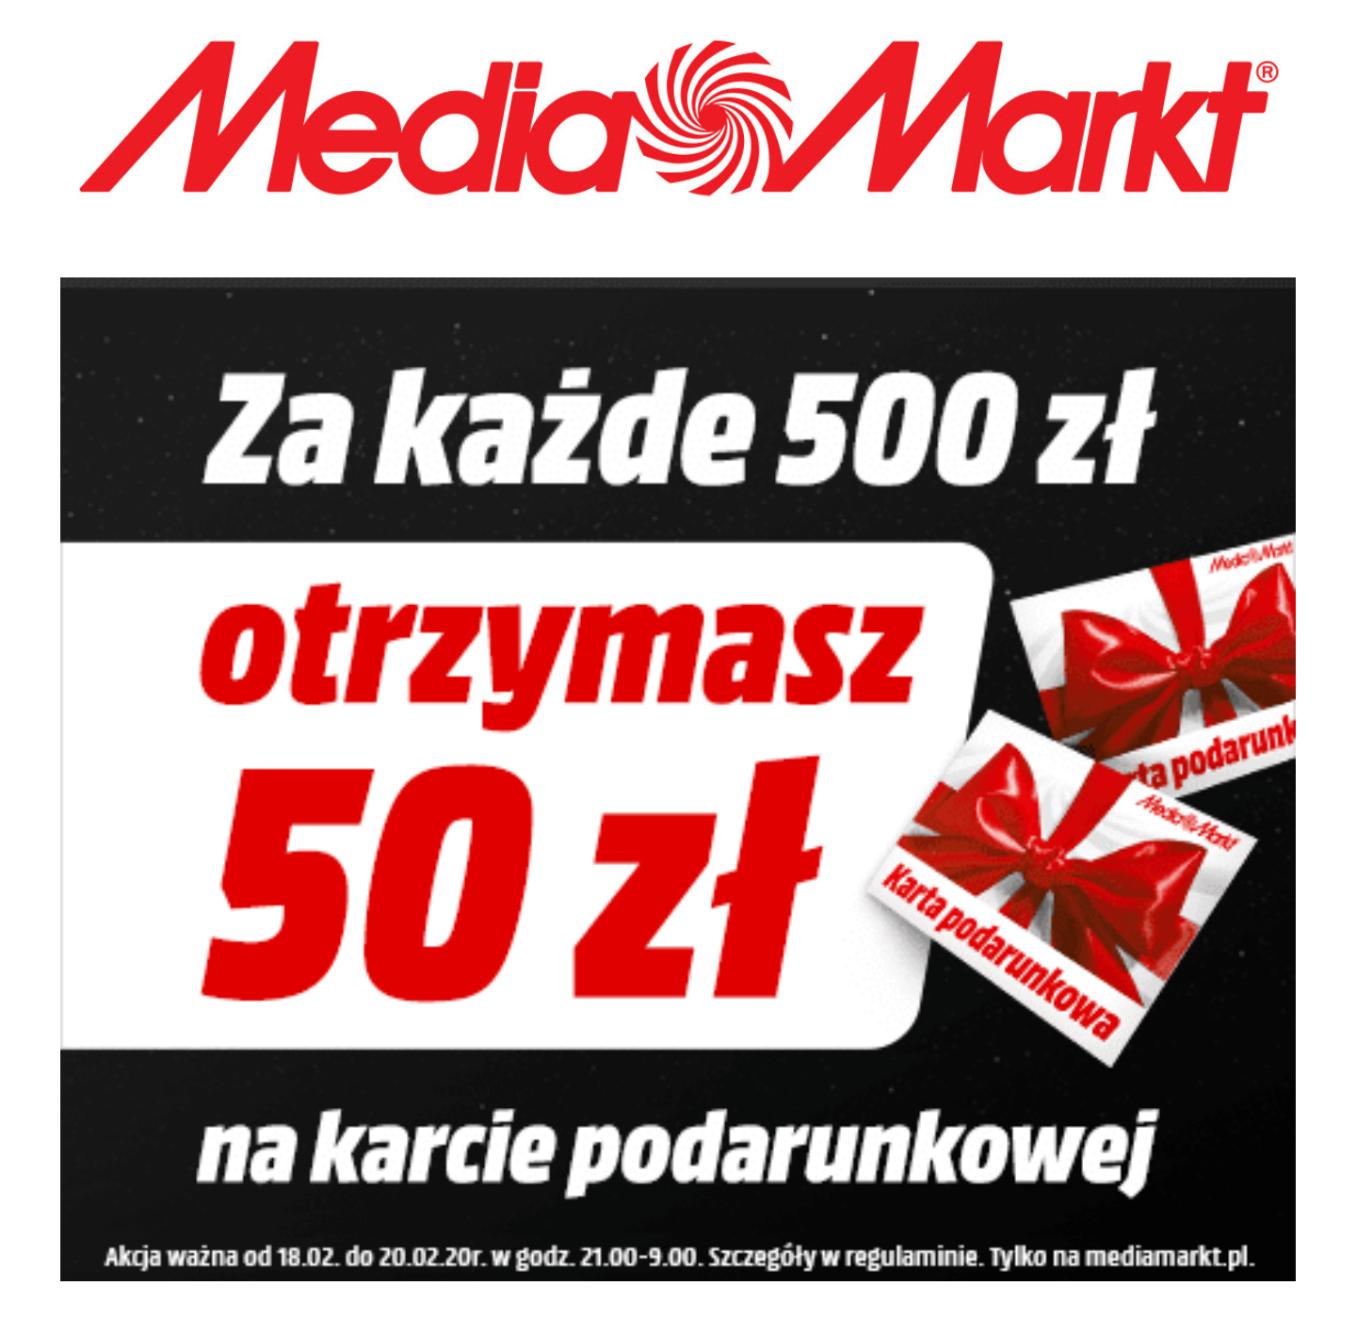 Media Markt - 50 zł na kartę podarunkową za każde wydane 500 zł